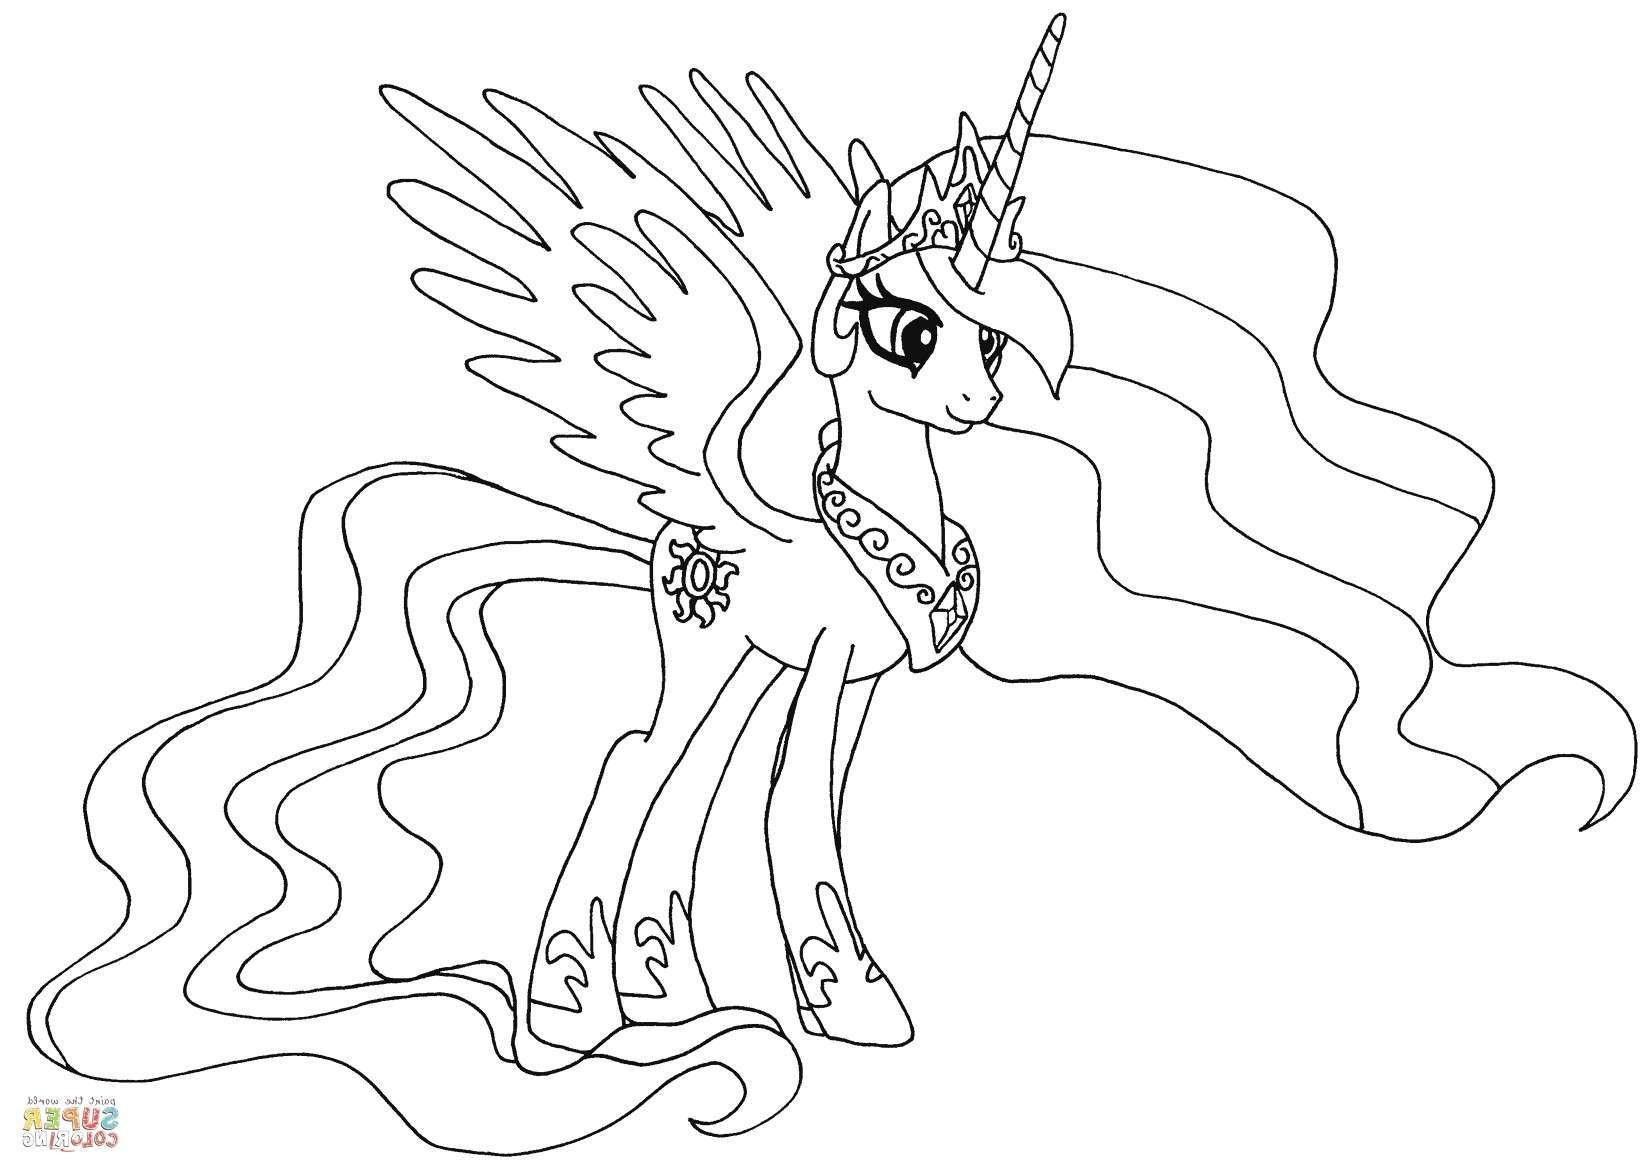 Malvorlagen My Little Pony Das Beste Von 47 Neu Ausmalbilder My Little Pony Luna Beste Malvorlage Bilder